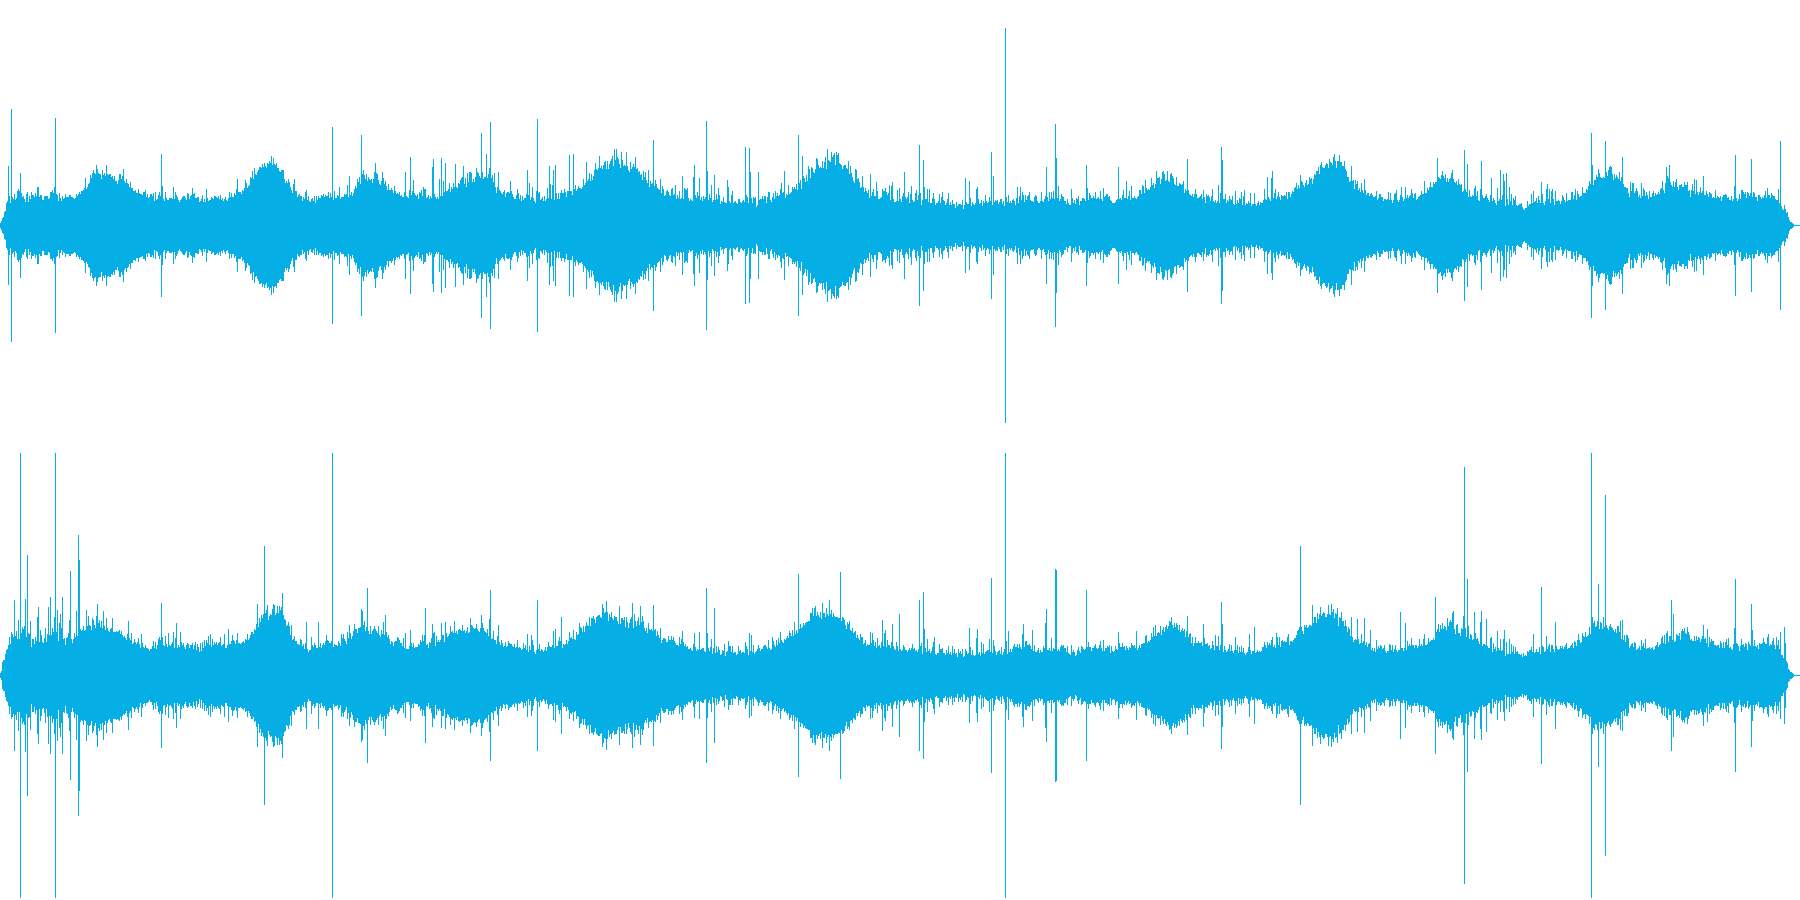 【生録音】朝の通勤時間帯 雨の音 1の再生済みの波形